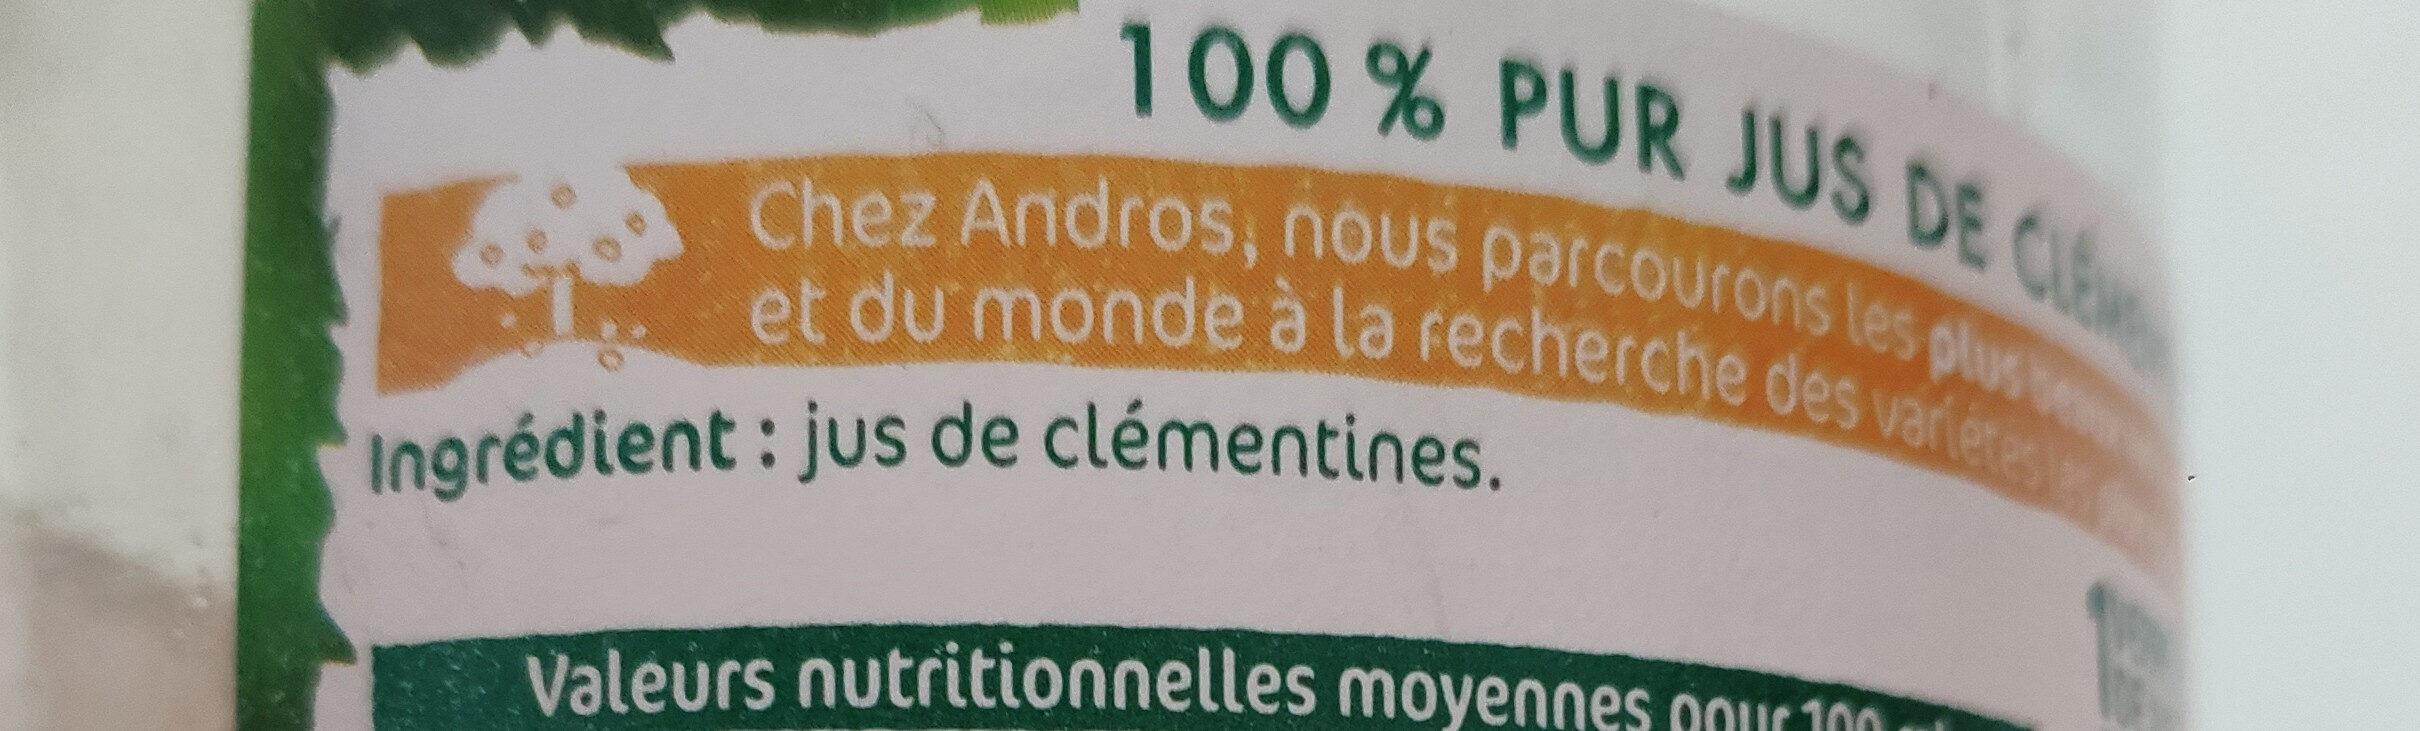 Clémentines pressées - Ingrédients - fr